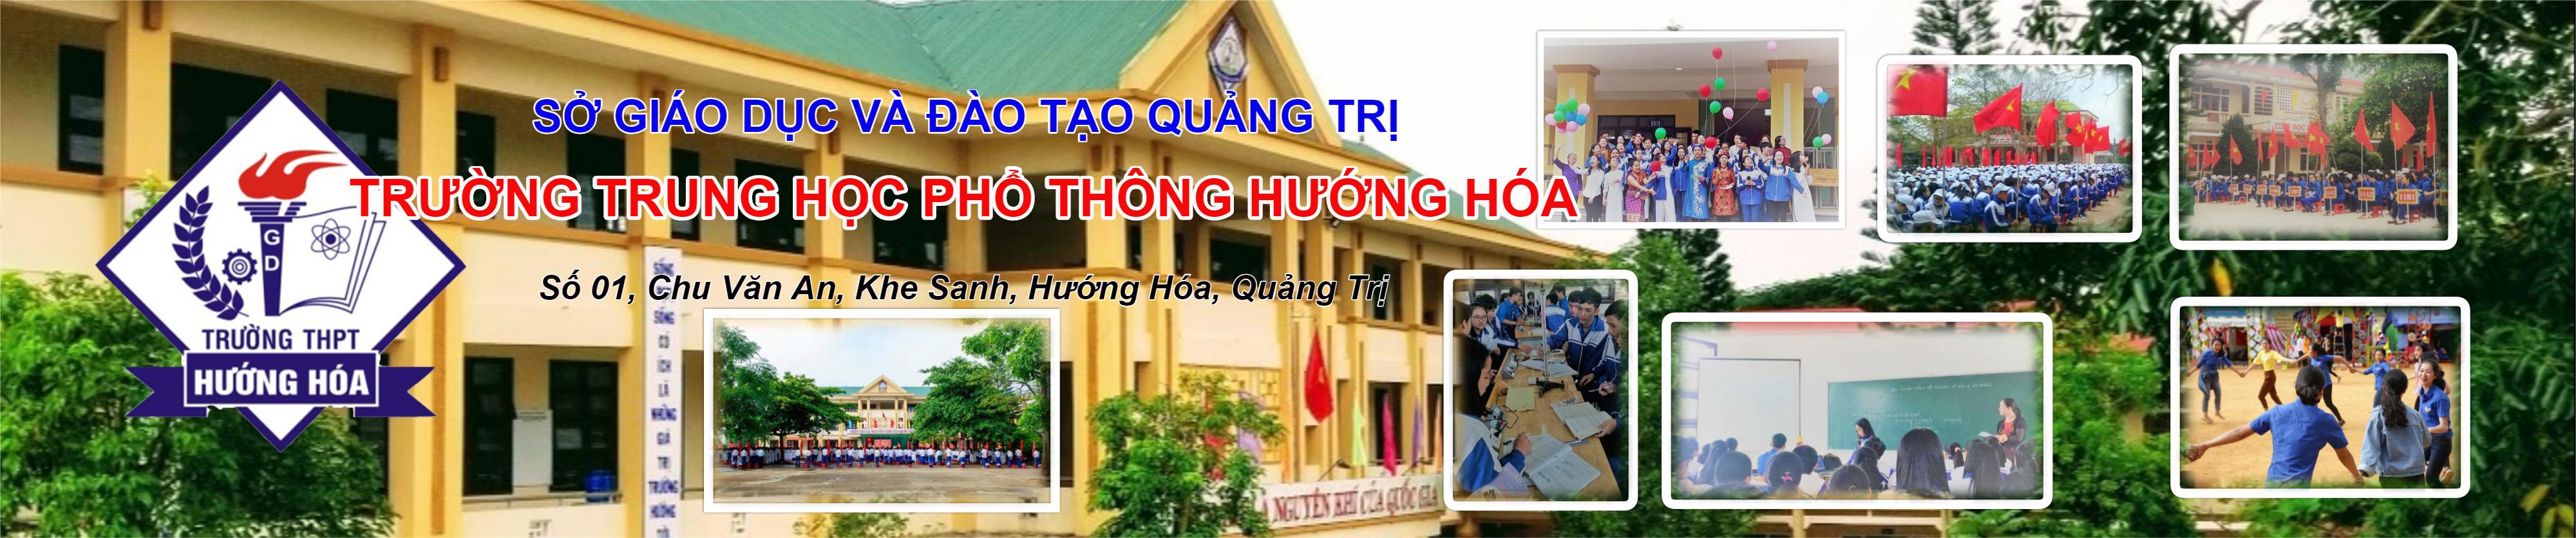 Lắp đặt tấm compact chịu nước cho Trường học THPT Huyện Hướng Hóa